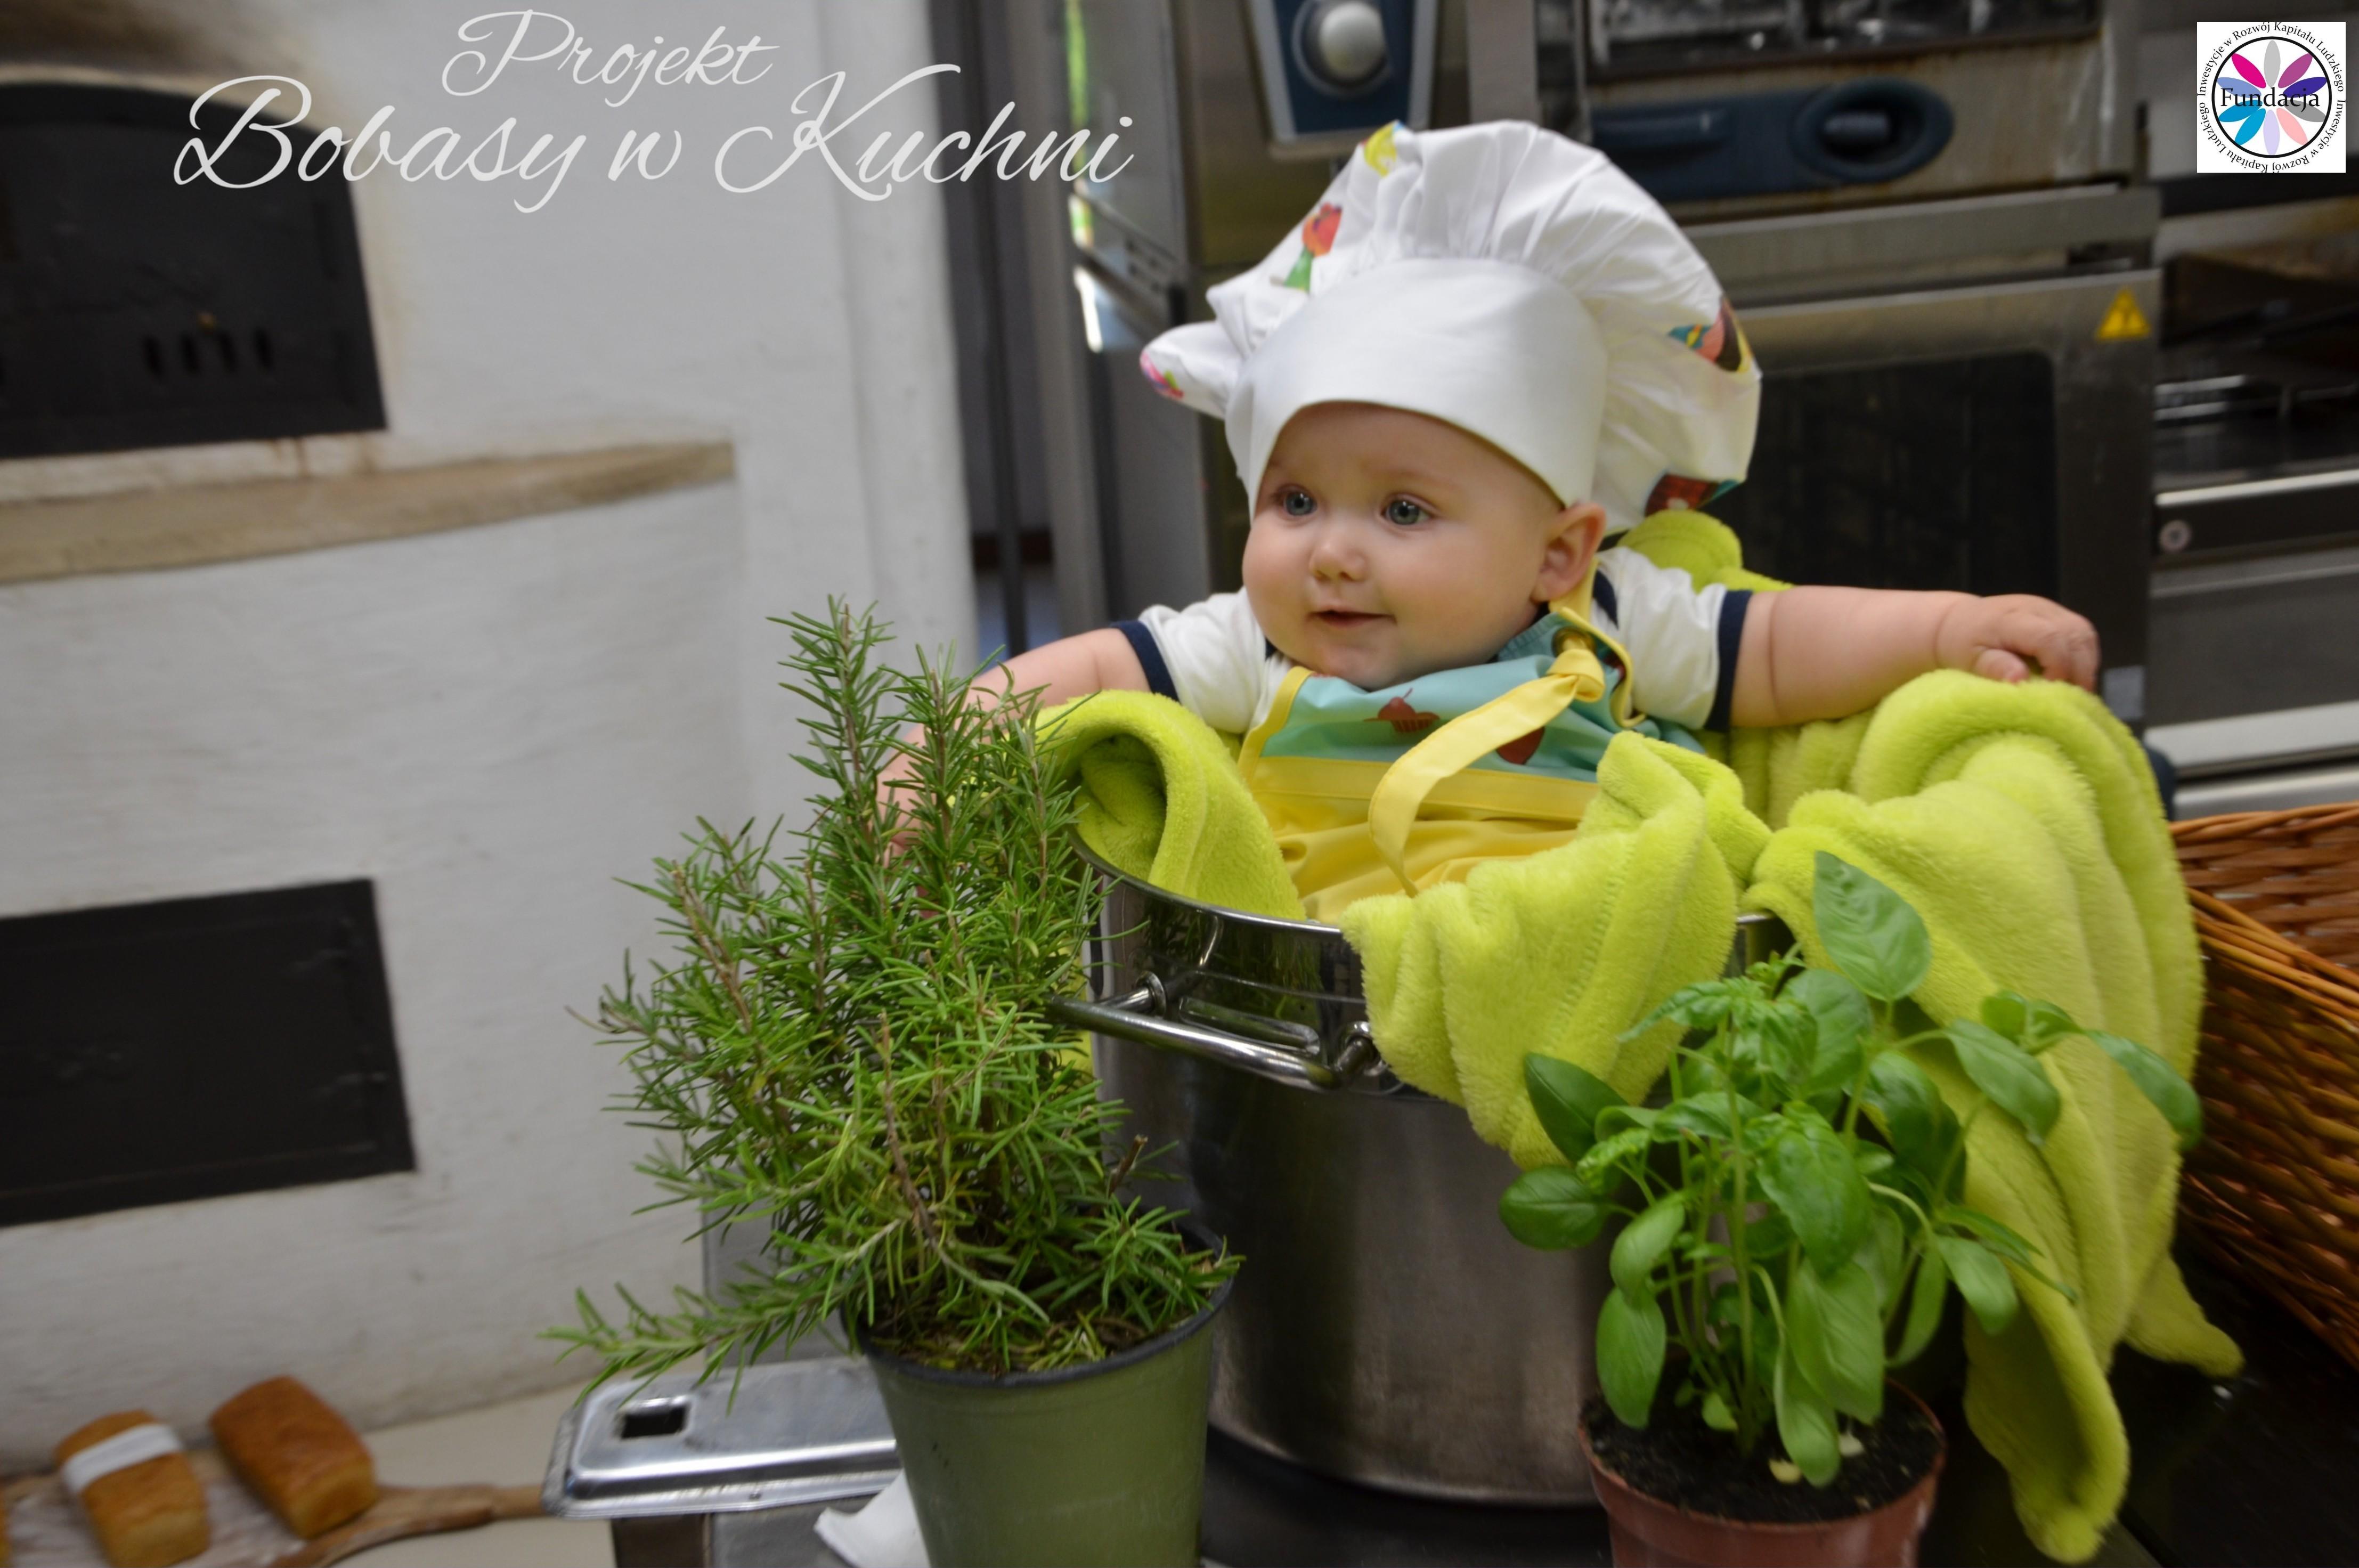 Wiktoria Olczak z Olkiem z projektu Bobasy w Kuchni sesja9